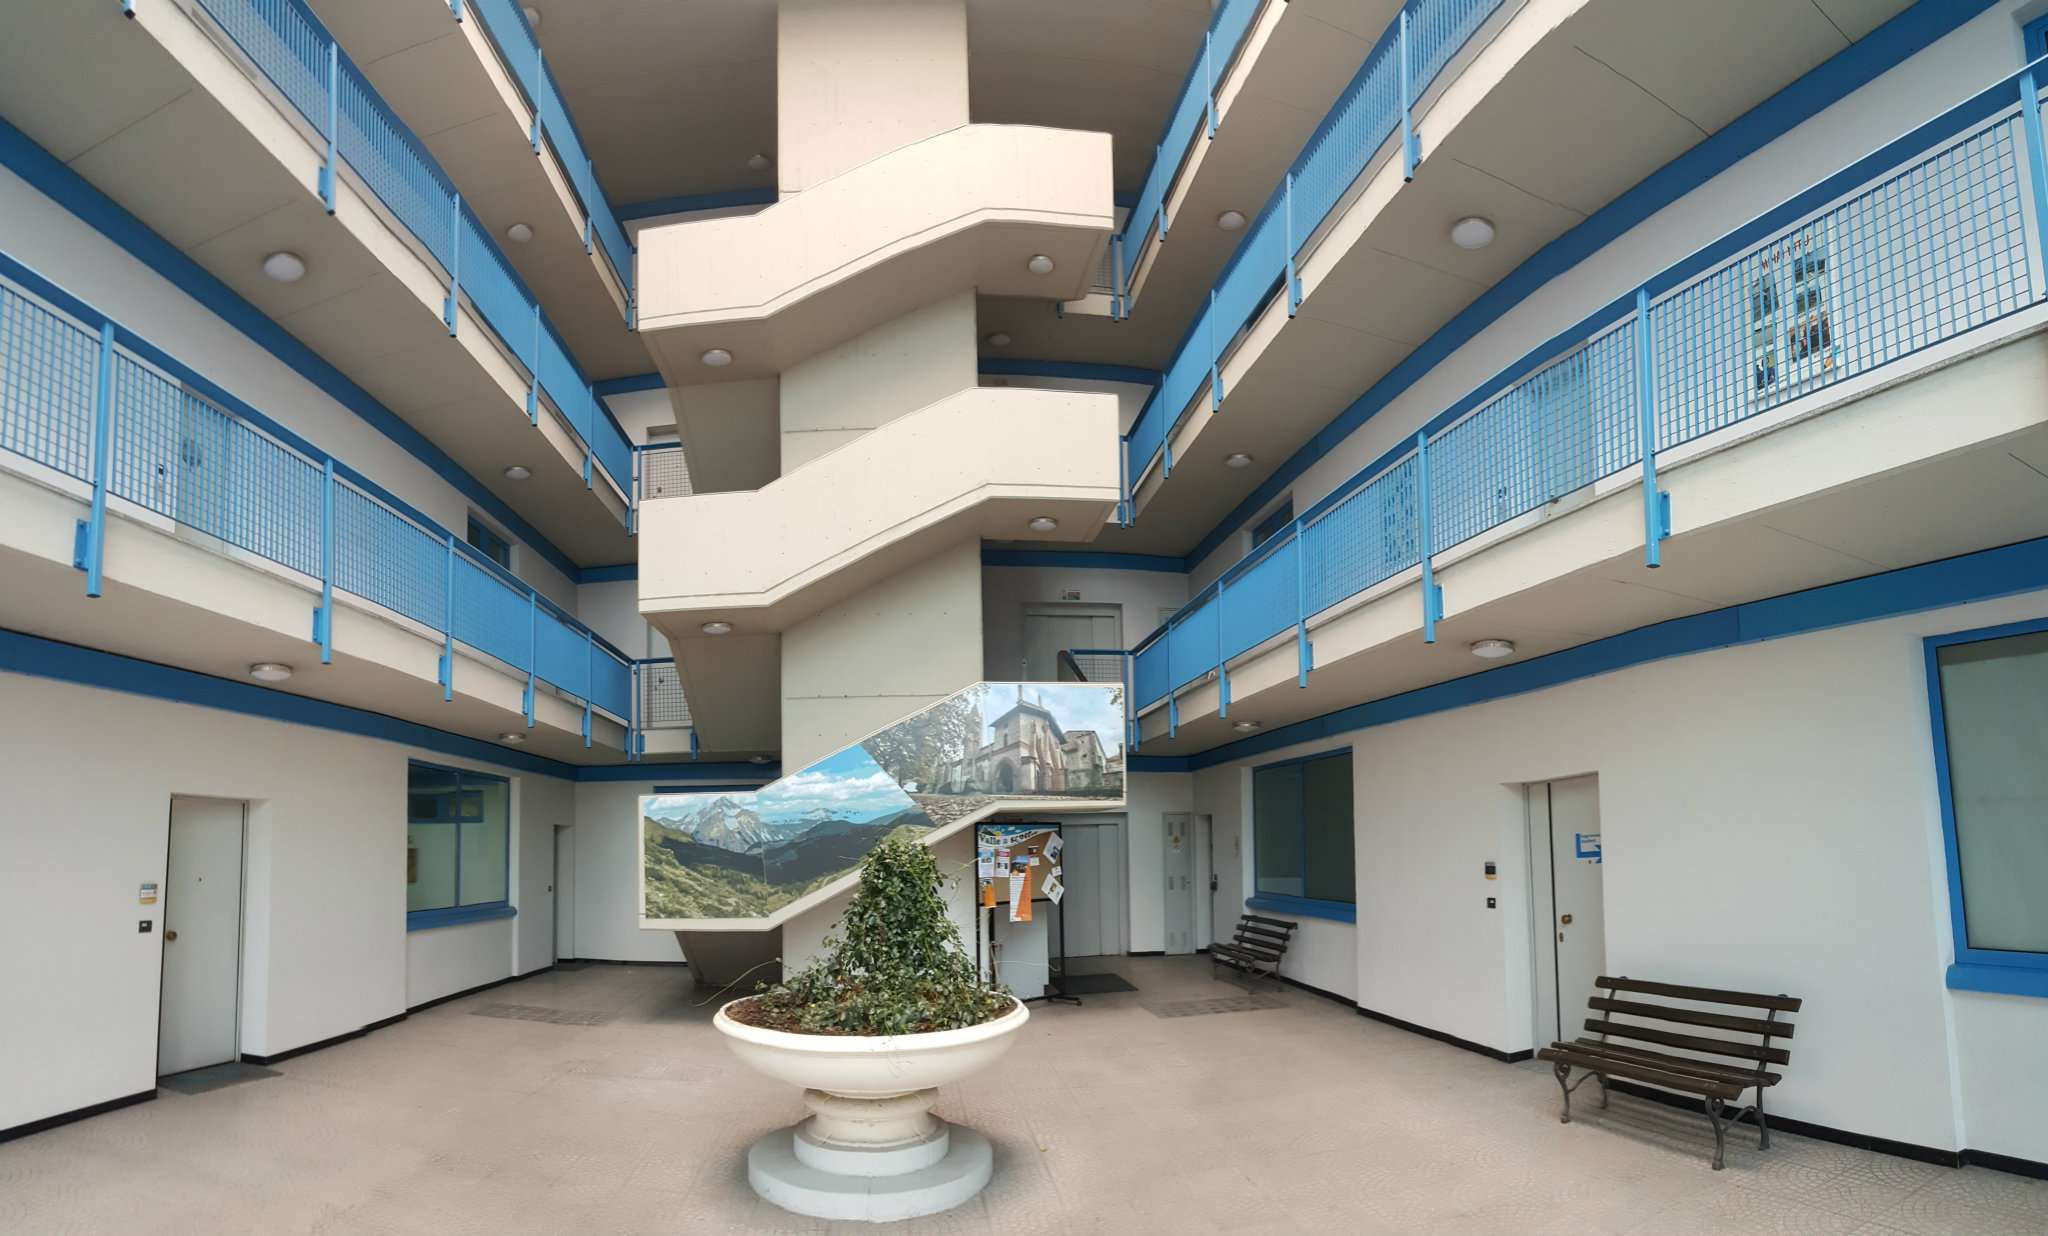 Negozio / Locale in affitto a Alpignano, 5 locali, prezzo € 1.300 | PortaleAgenzieImmobiliari.it